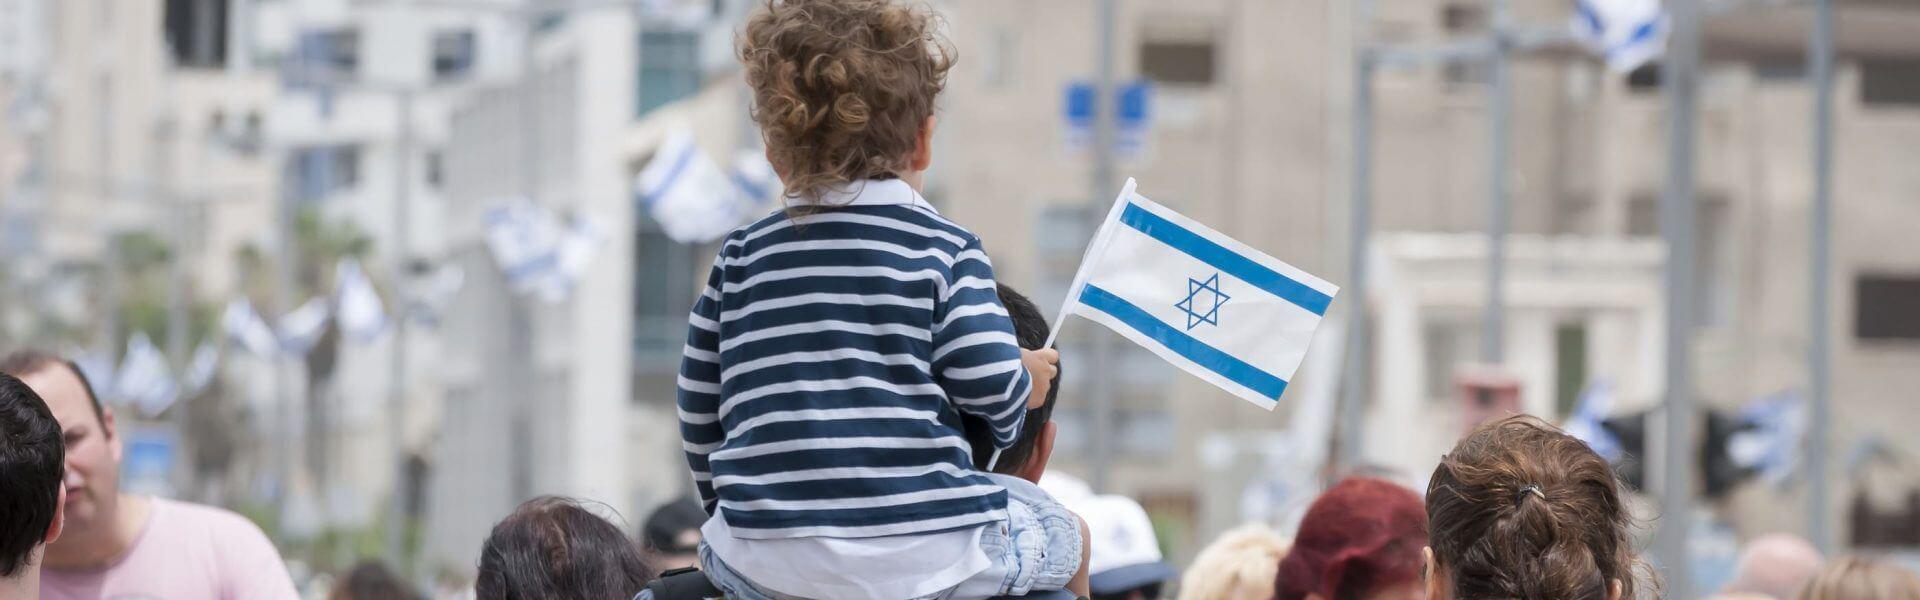 ילד יושב על כתפי אביו ואוחז בדגל ישראל. תמונה: Bigstock